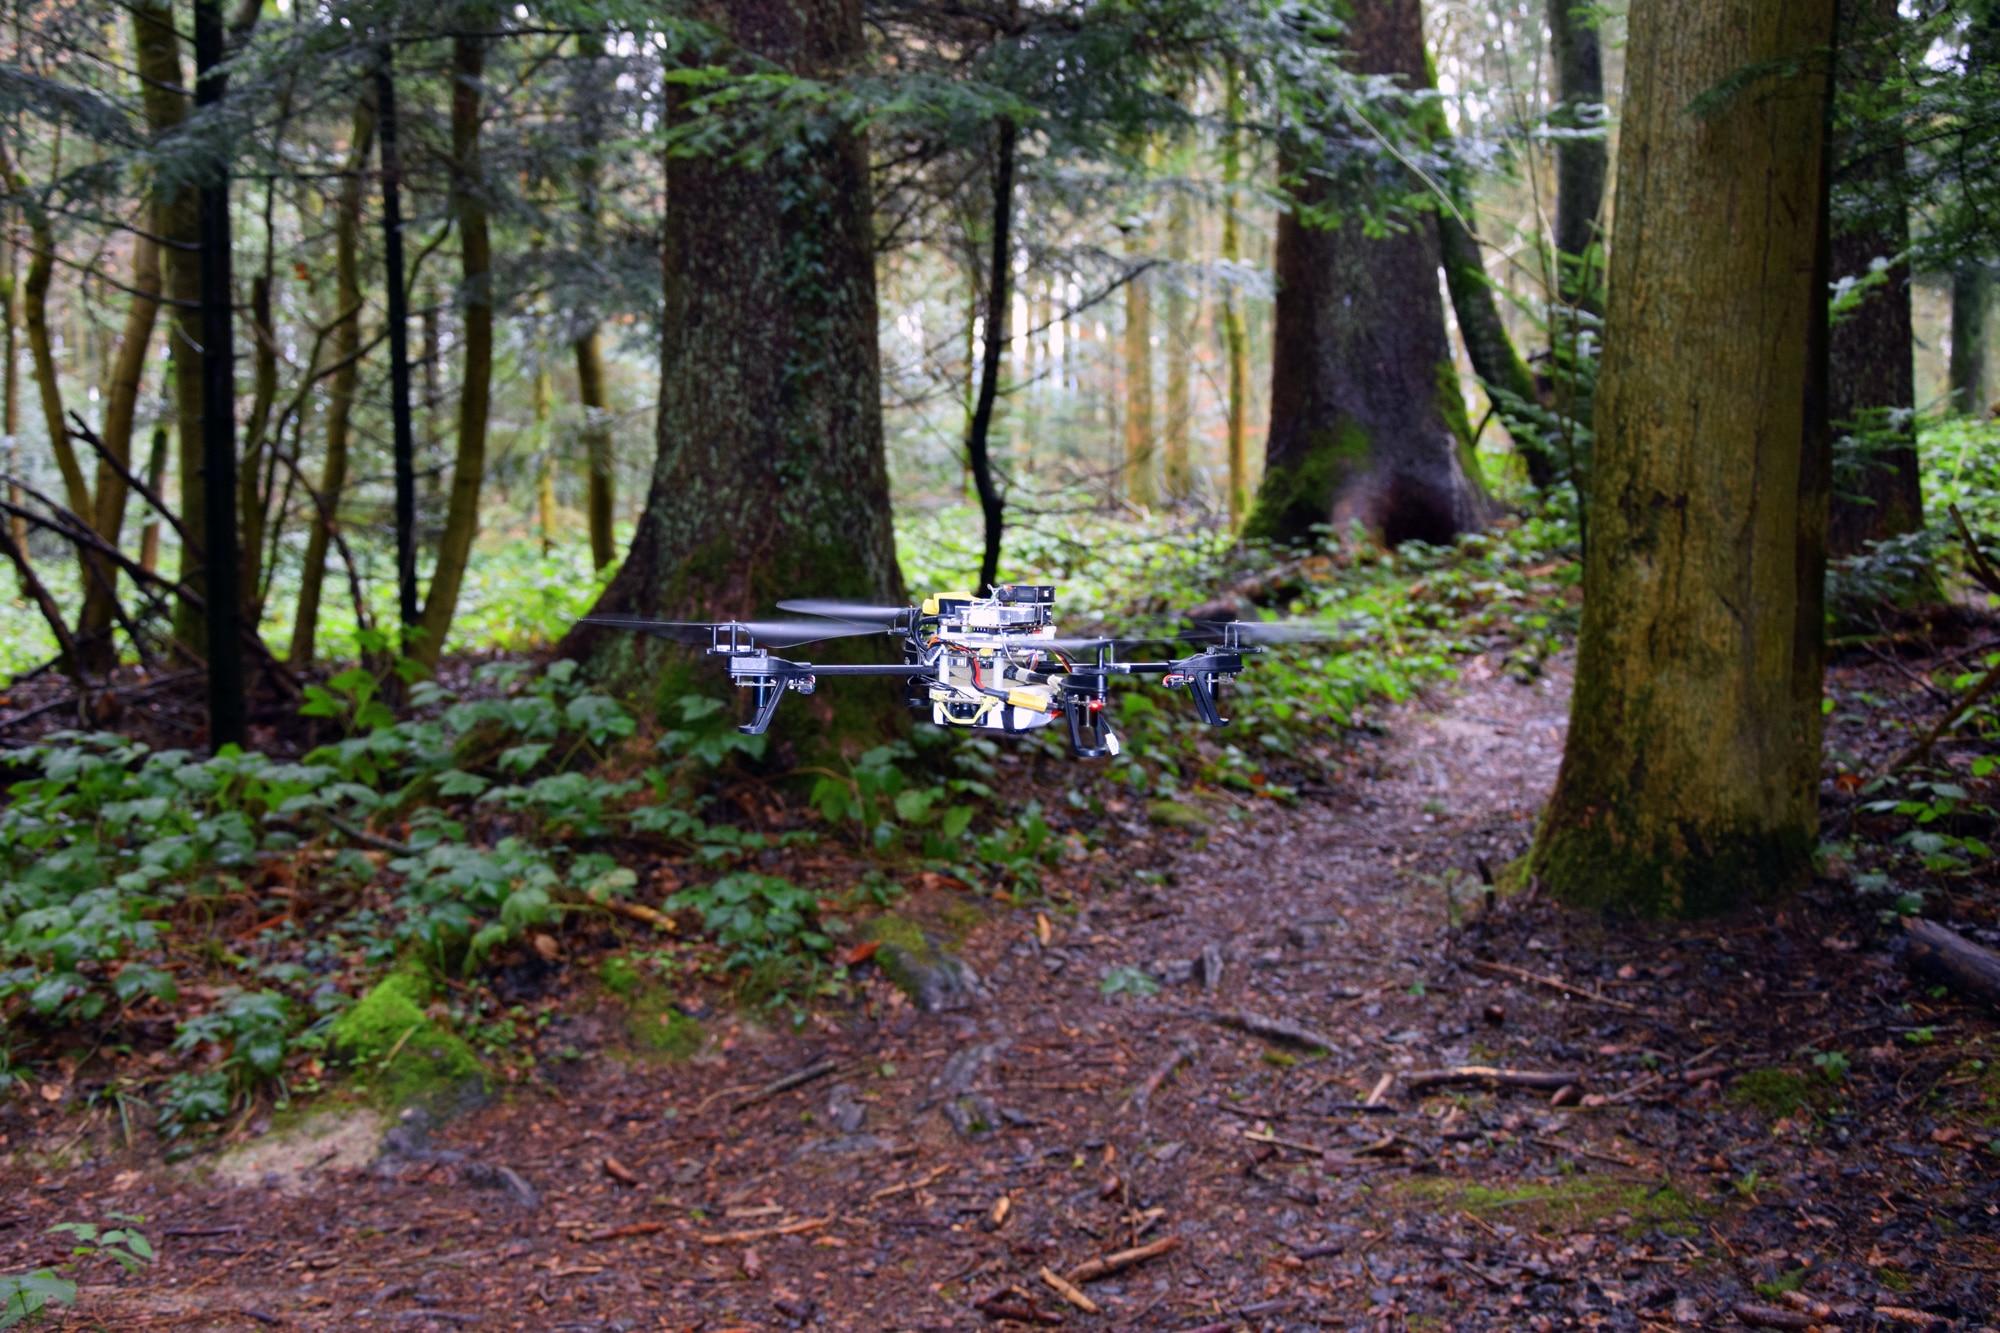 autonom fliegende Drohnen